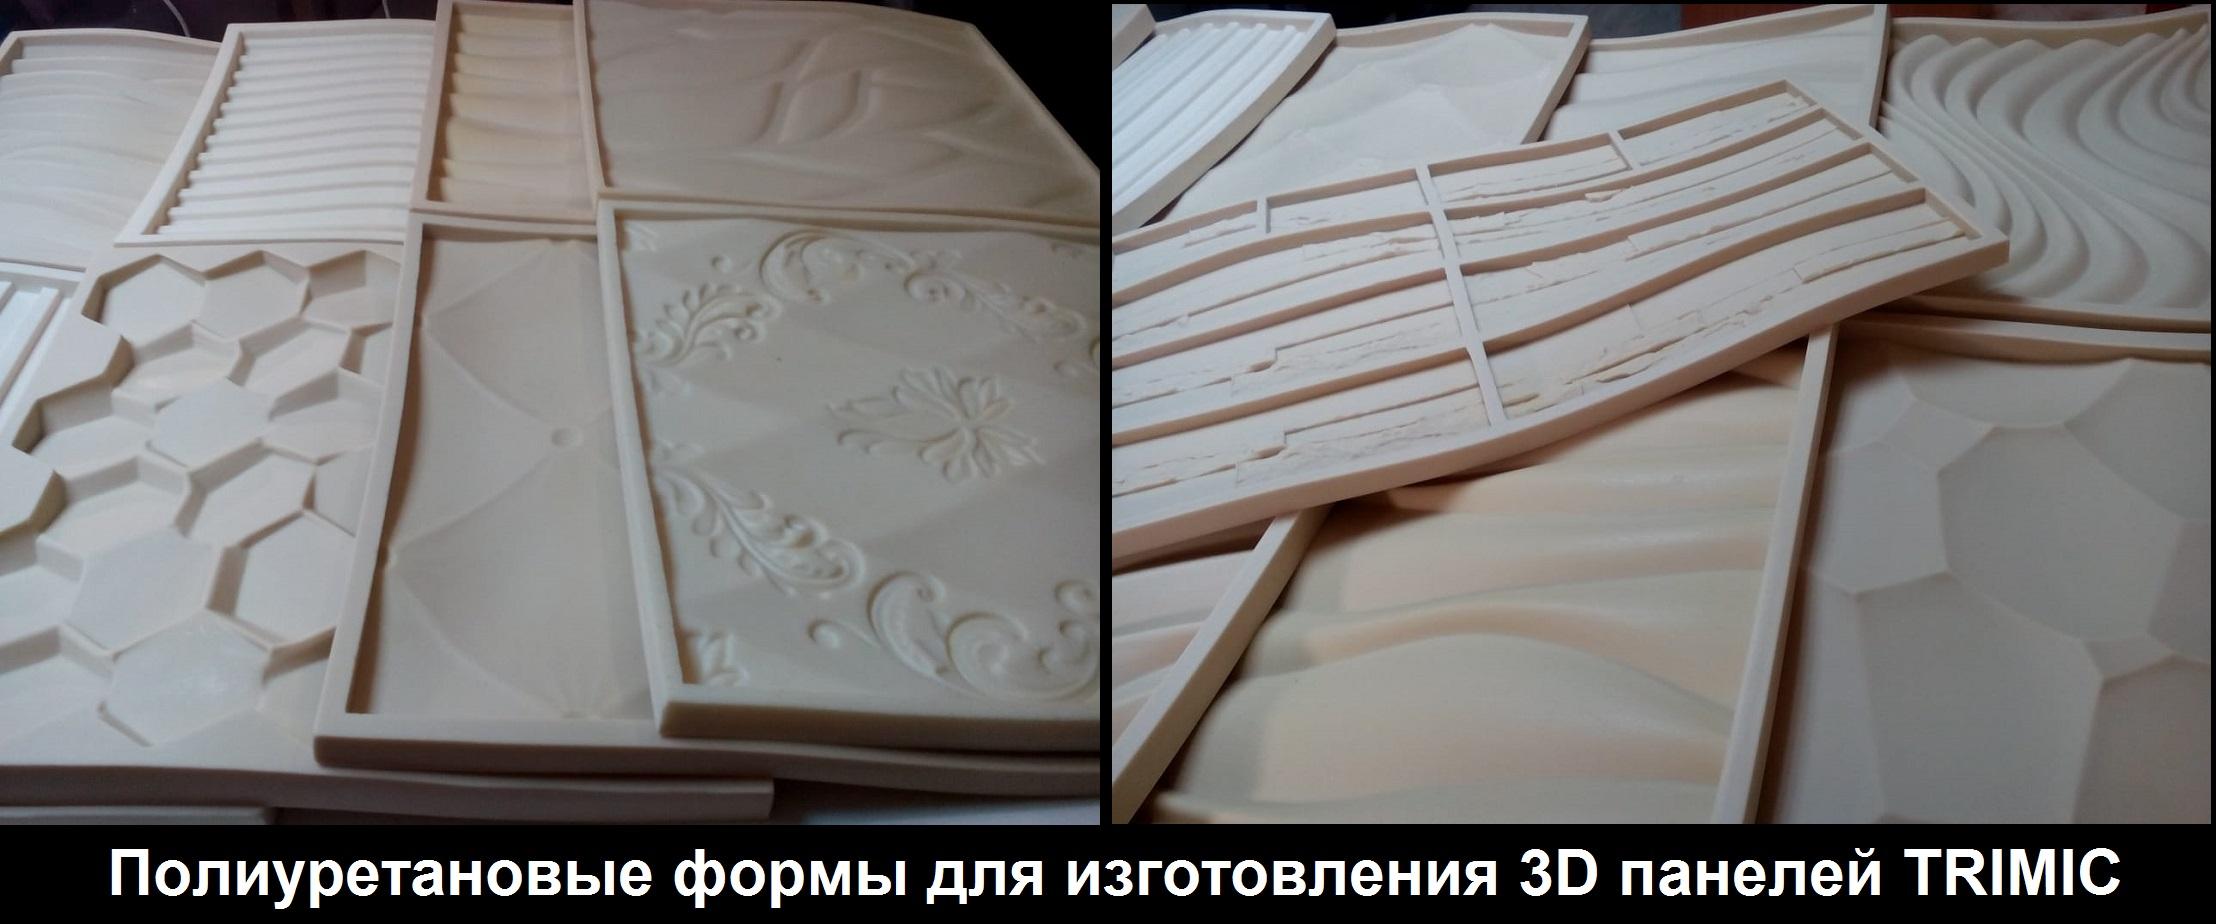 Вы можете заказать у нас 3D гипсовые панели собственного дизайна и размера, по Вашему эскизу или наброску